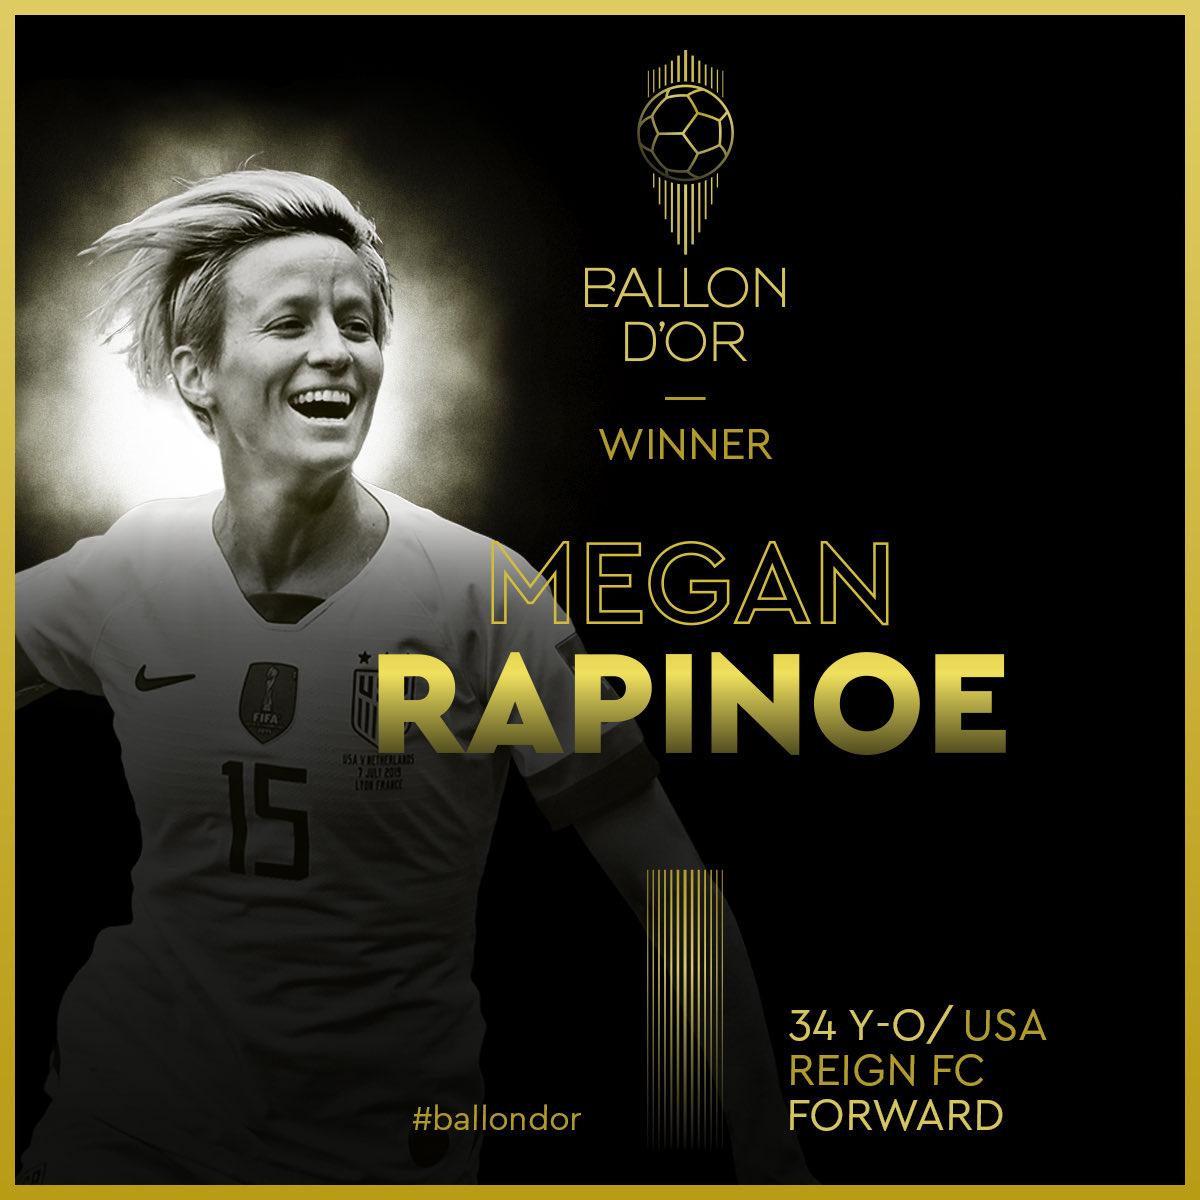 Χρυσή Μπάλα 2019: Κορυφαία γυναίκα η Ράπινο, η αρχηγός των ΗΠΑ